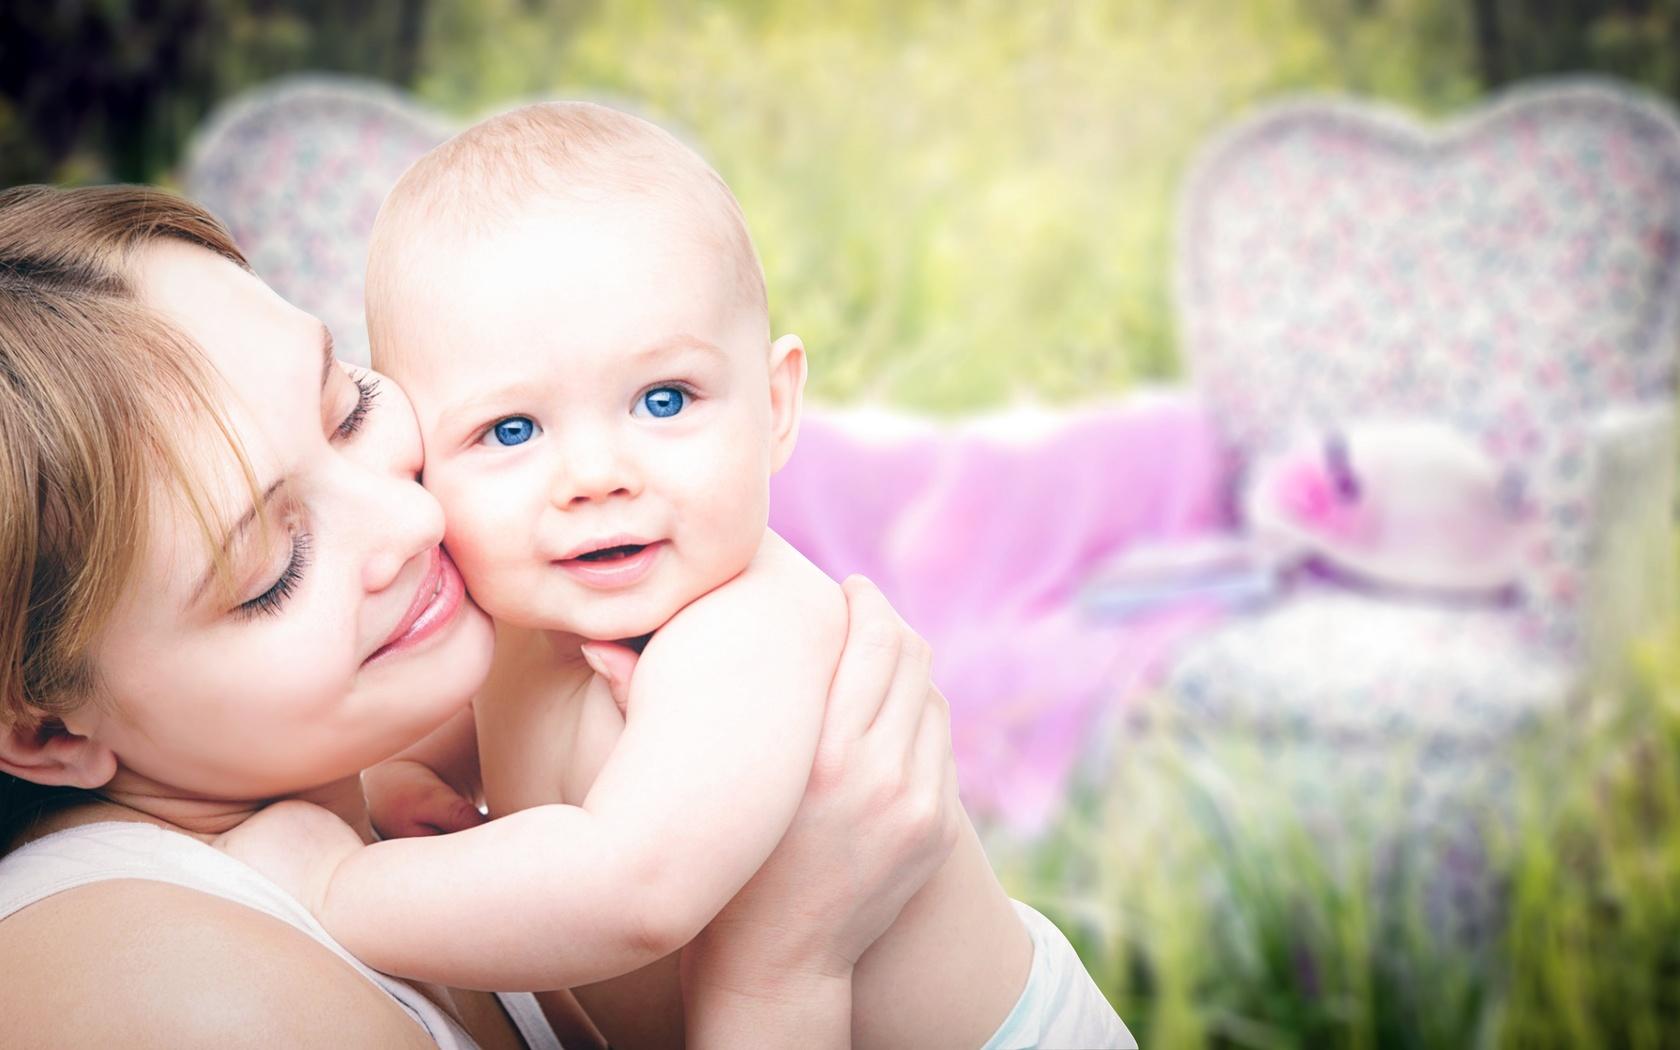 люди, женщина, мать, мама, ребёнок, малыш, счастье, любовь